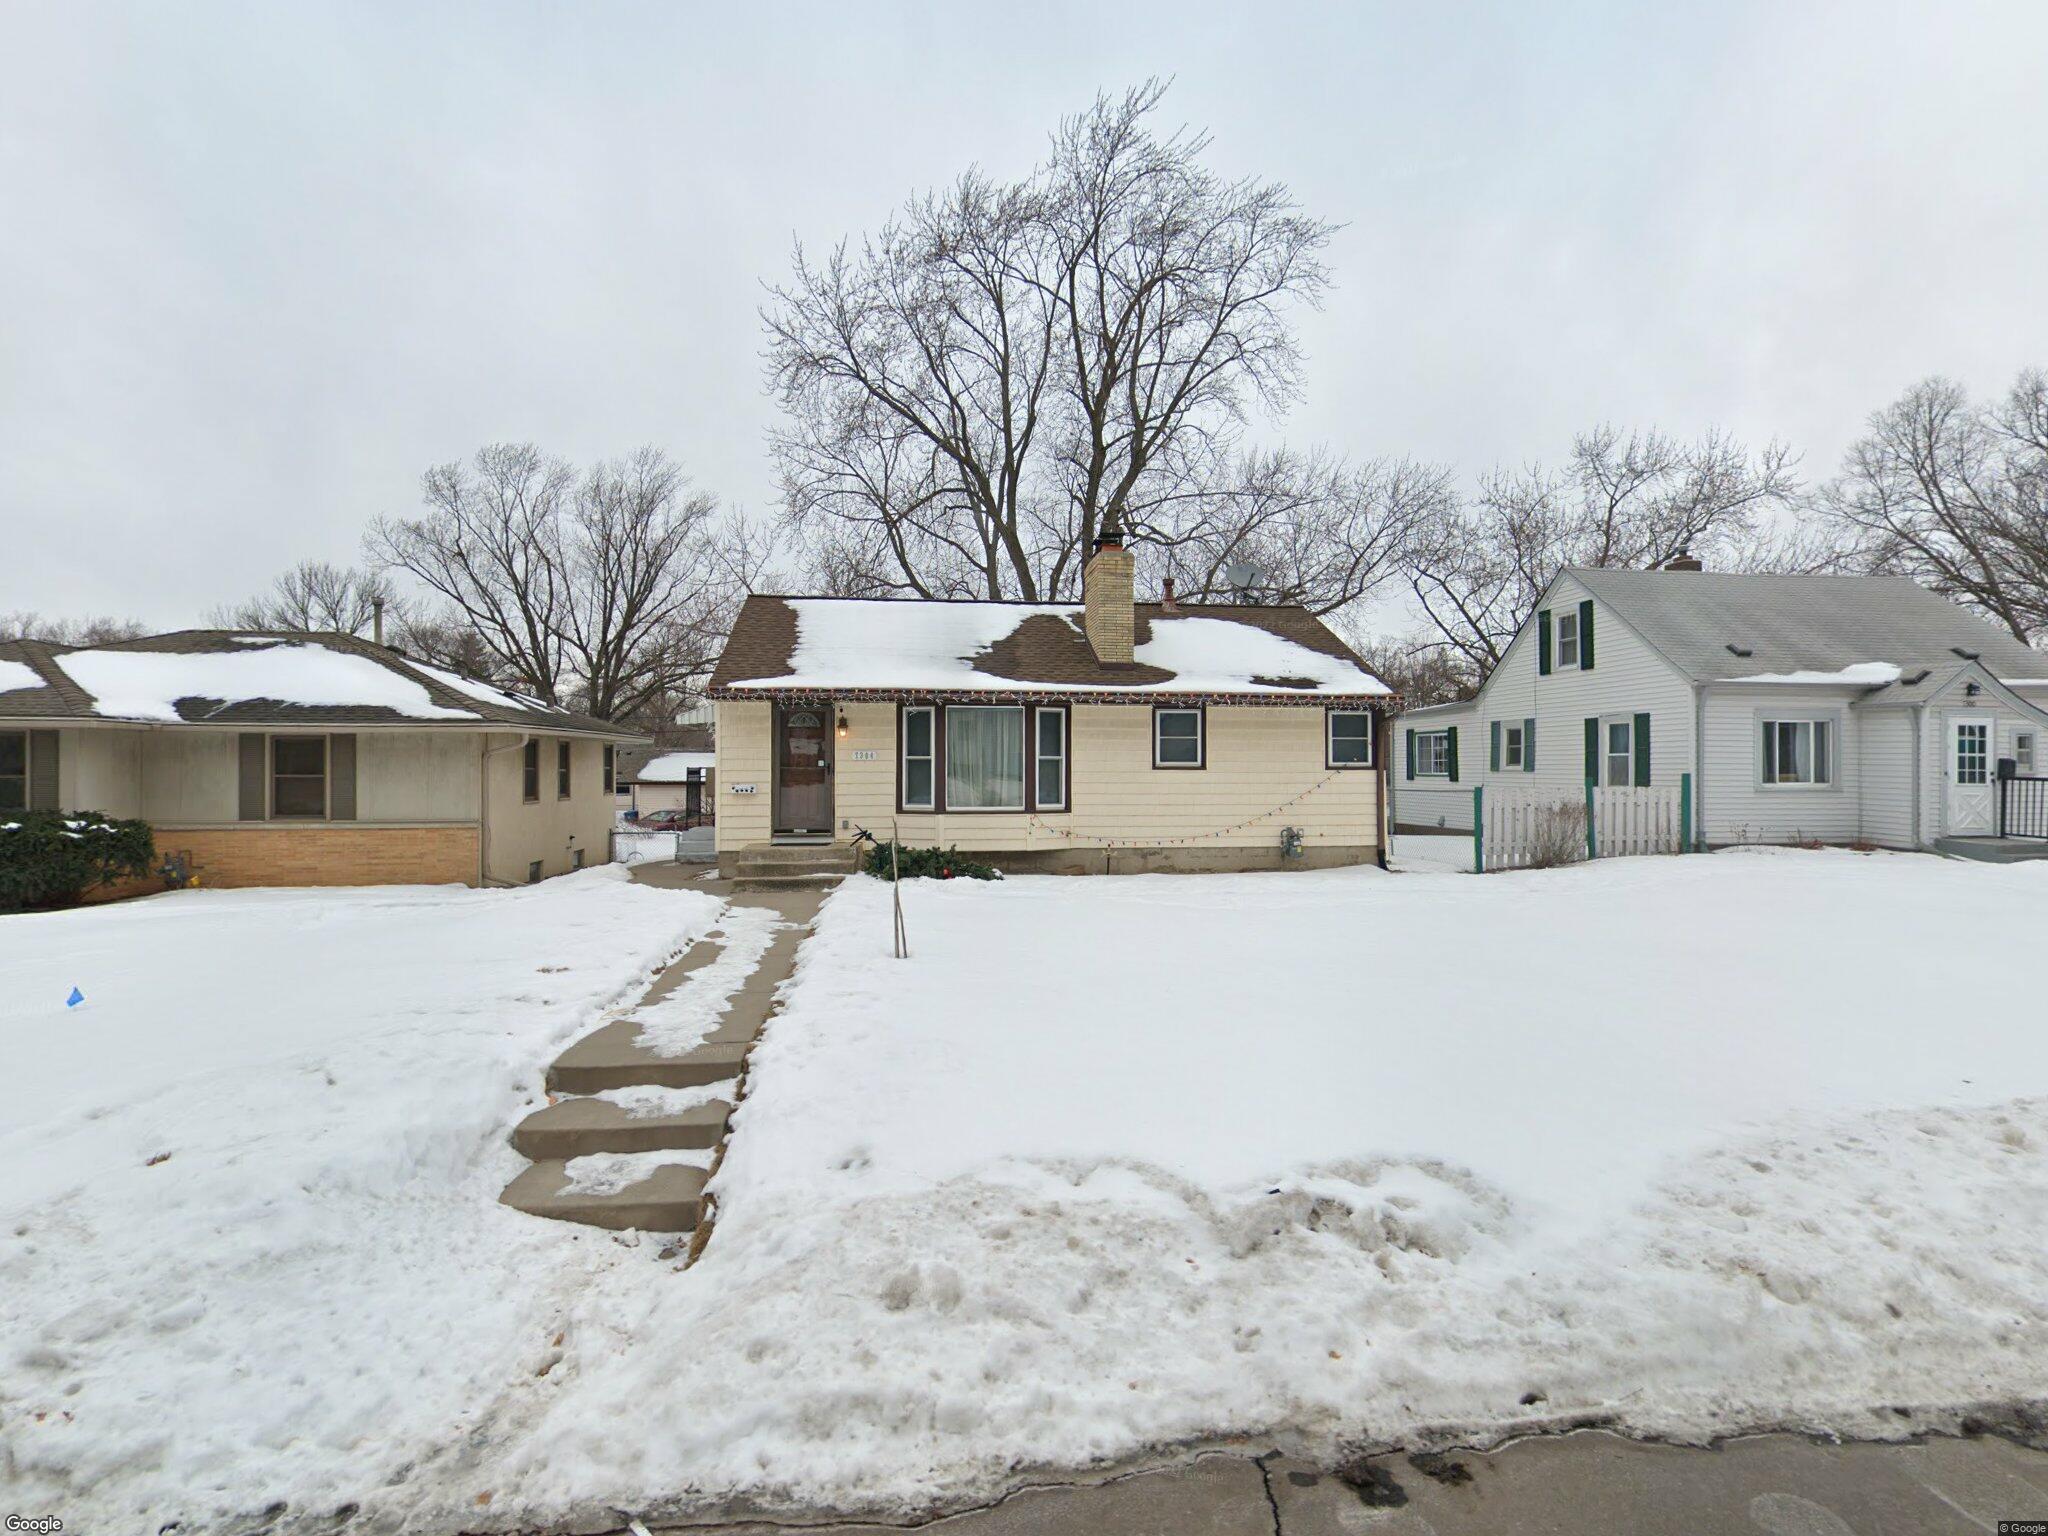 7304 4th Ave S Richfield Mn 55423 Foreclosure Trulia